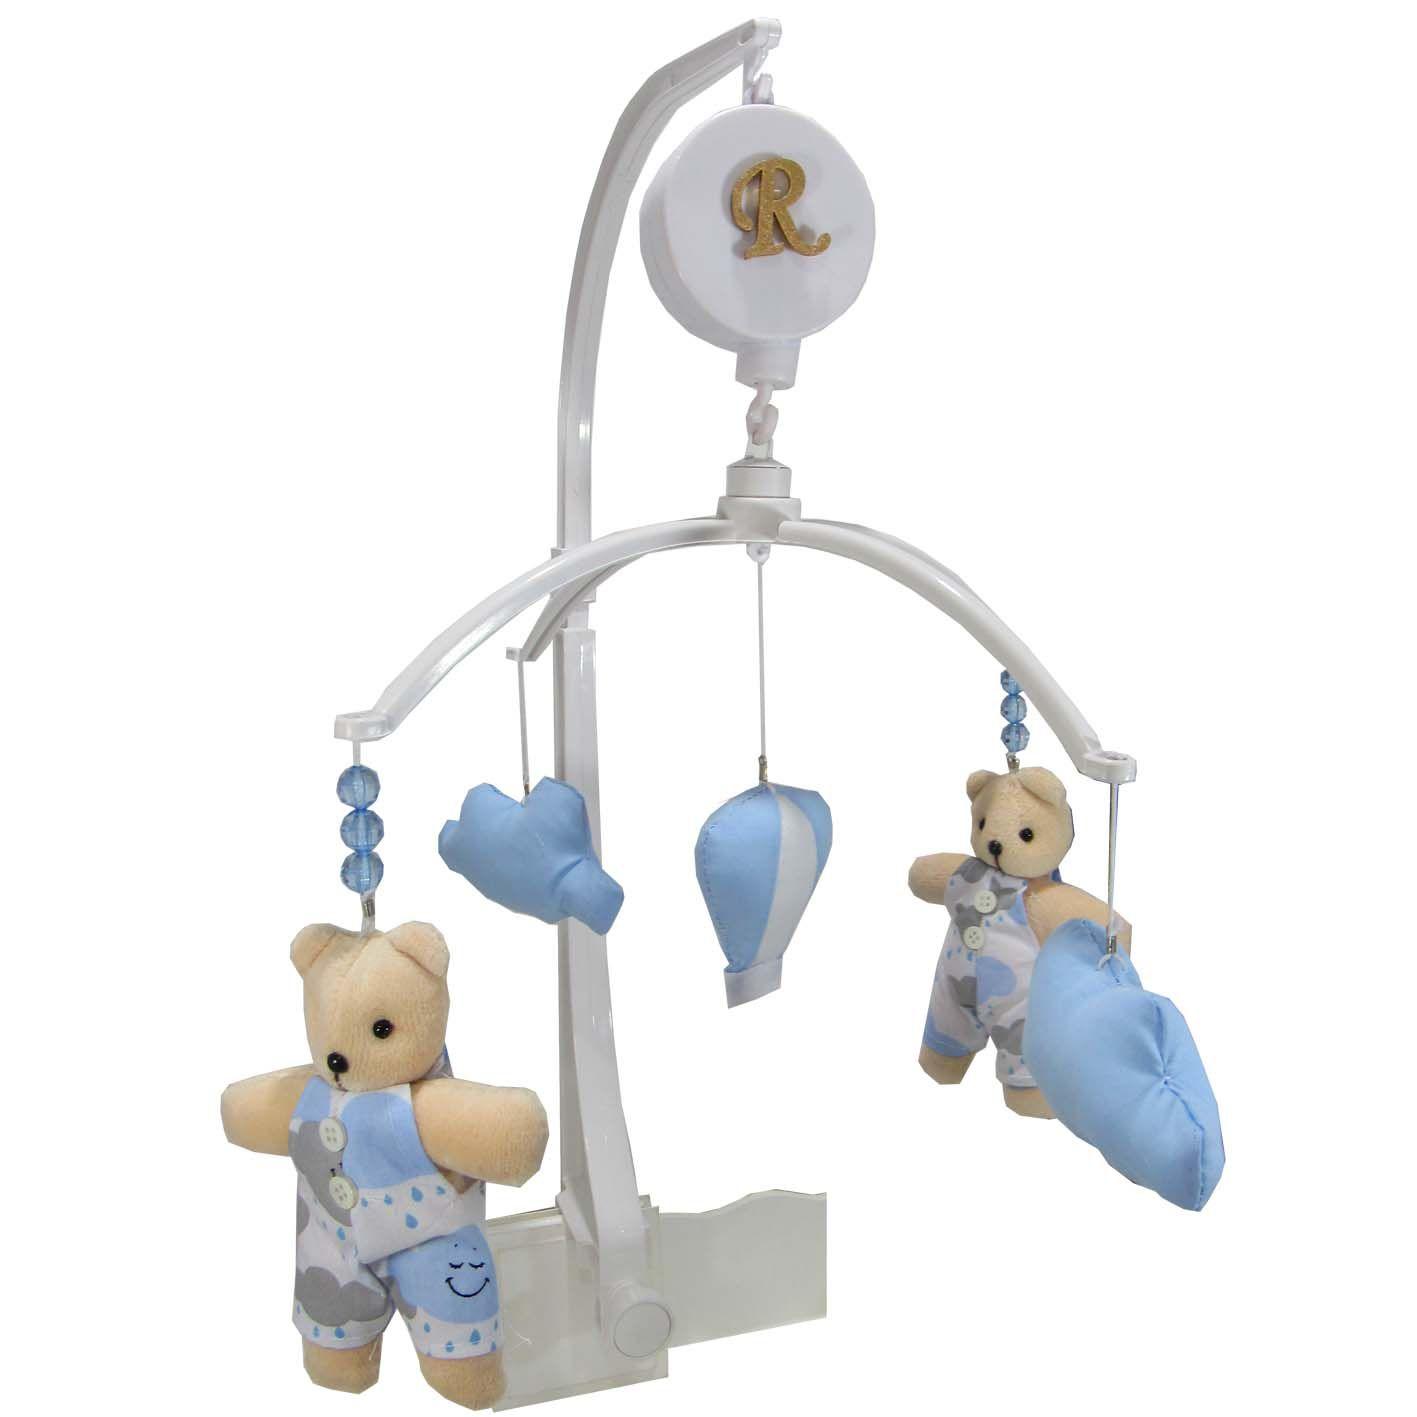 Mobile Musical Giratório de Berço - Urso e Balão